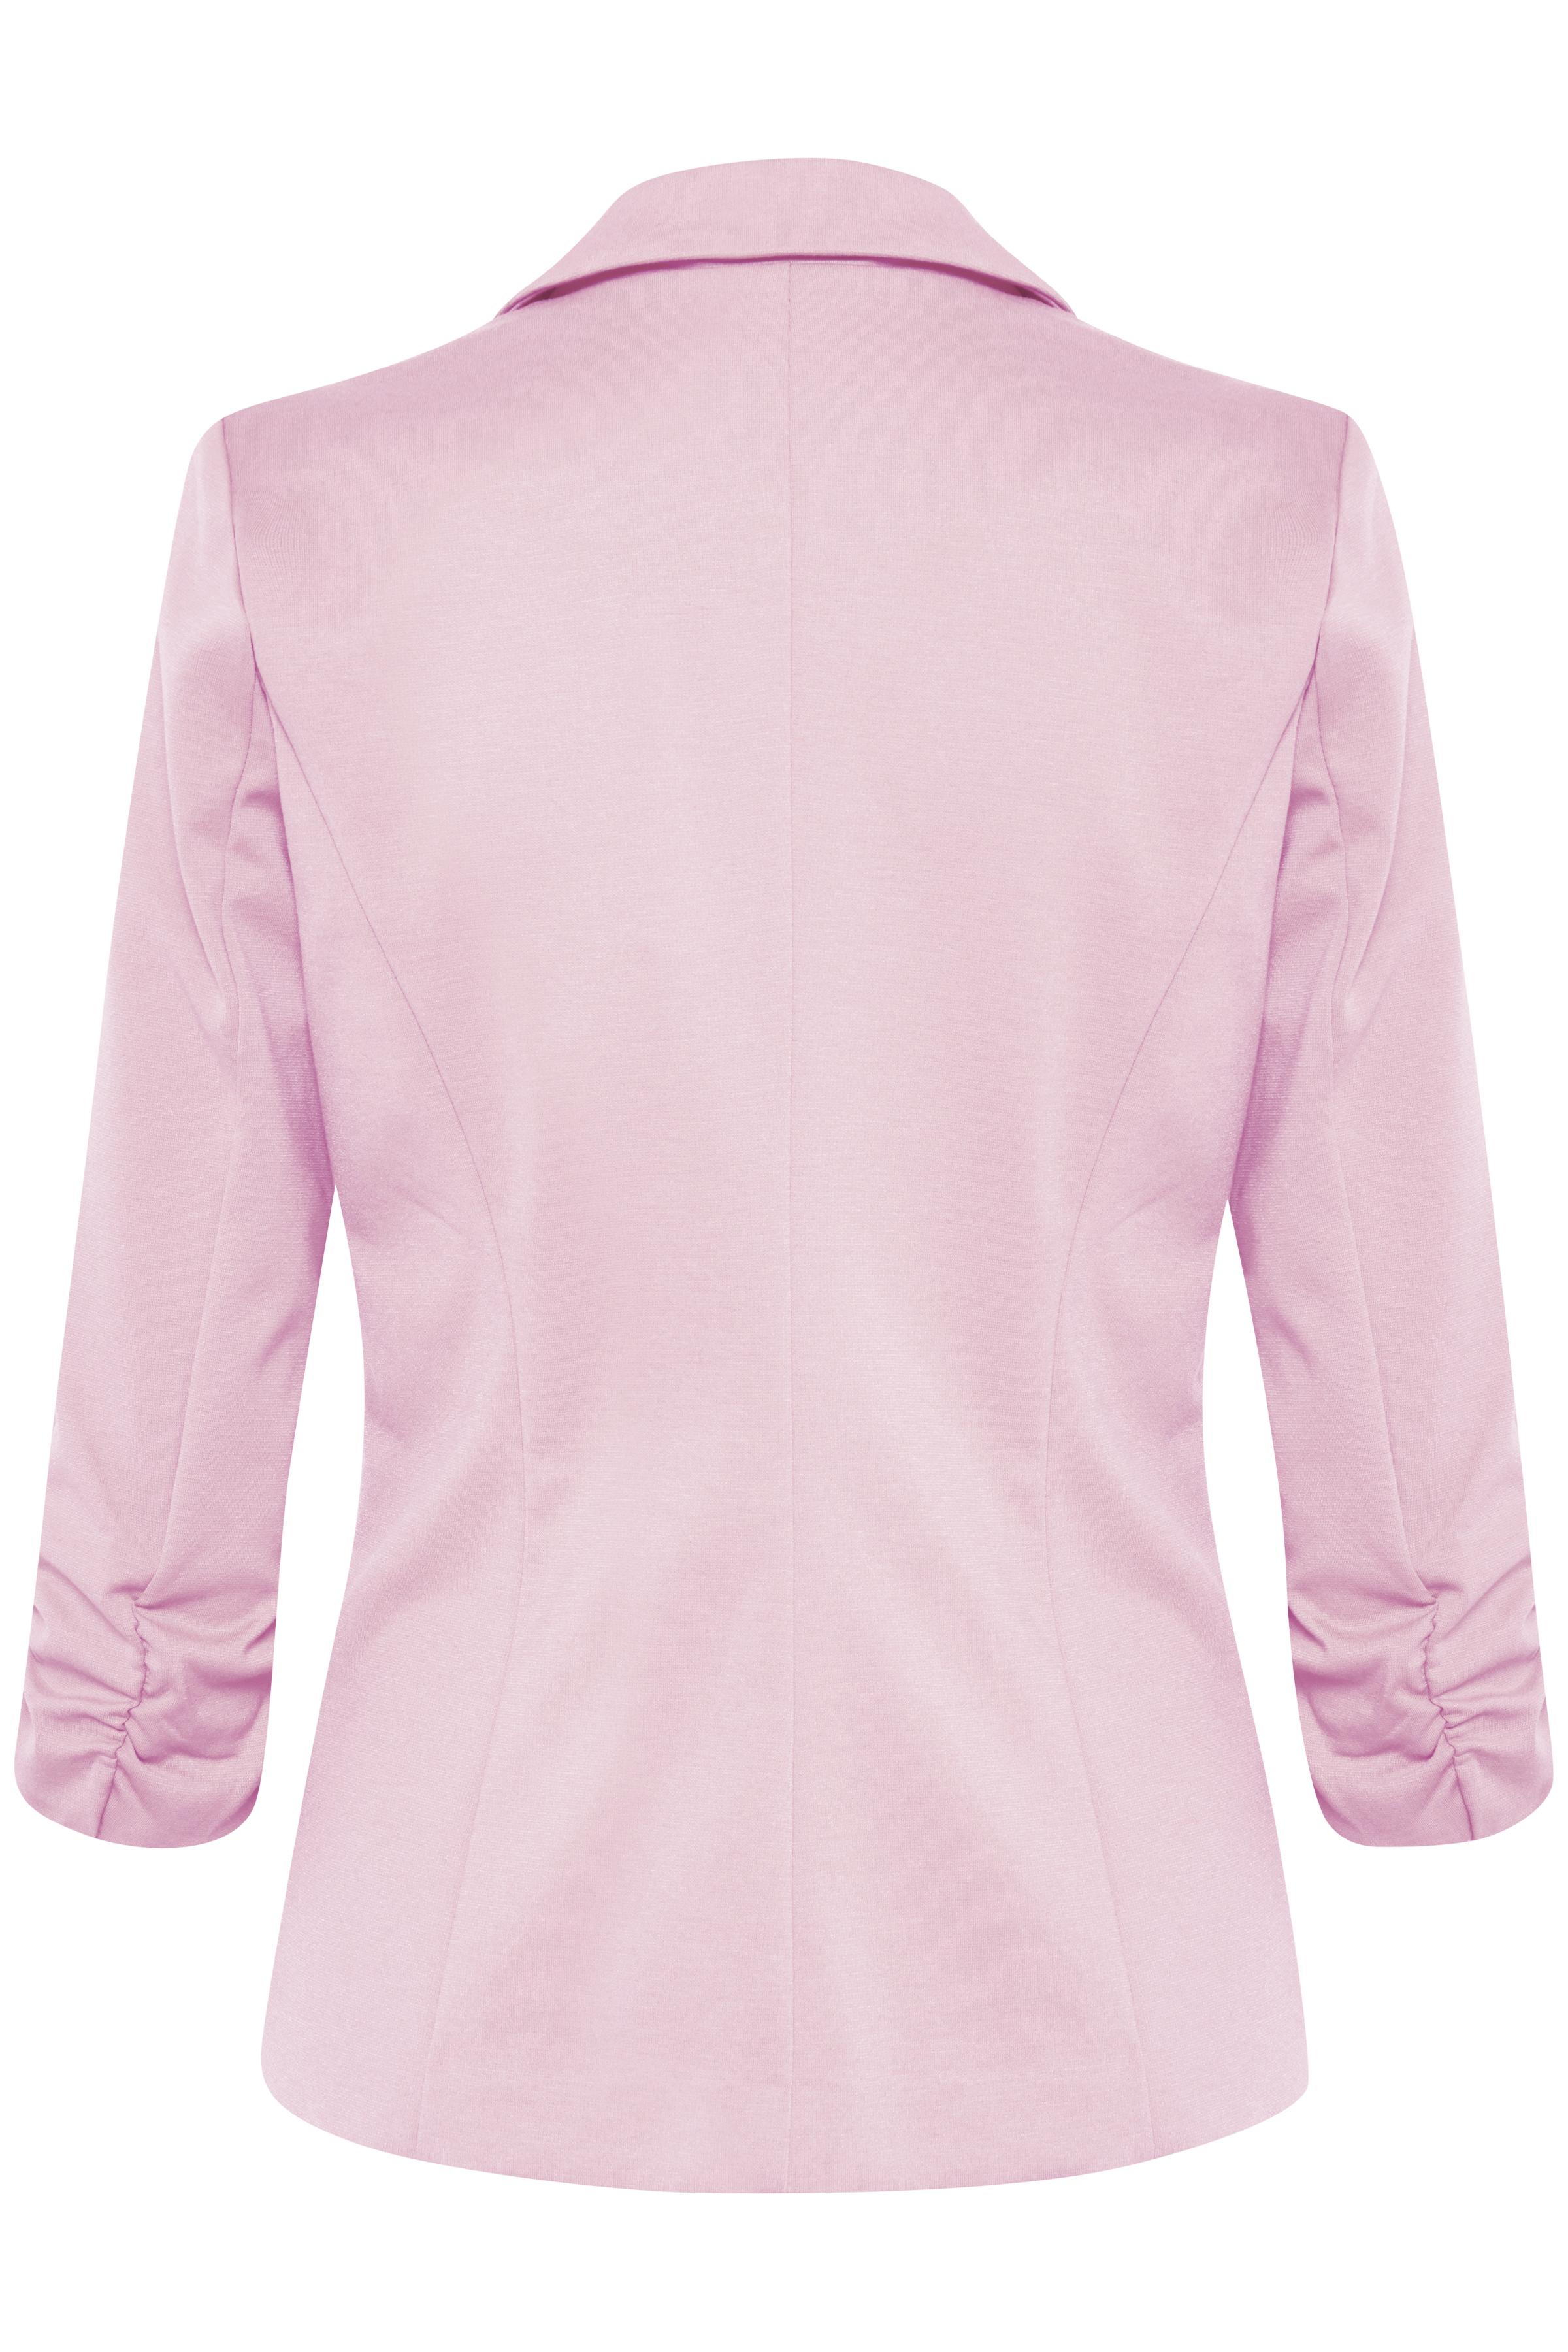 Pink Lady Blazer – Køb Pink Lady Blazer fra str. S-XXL her